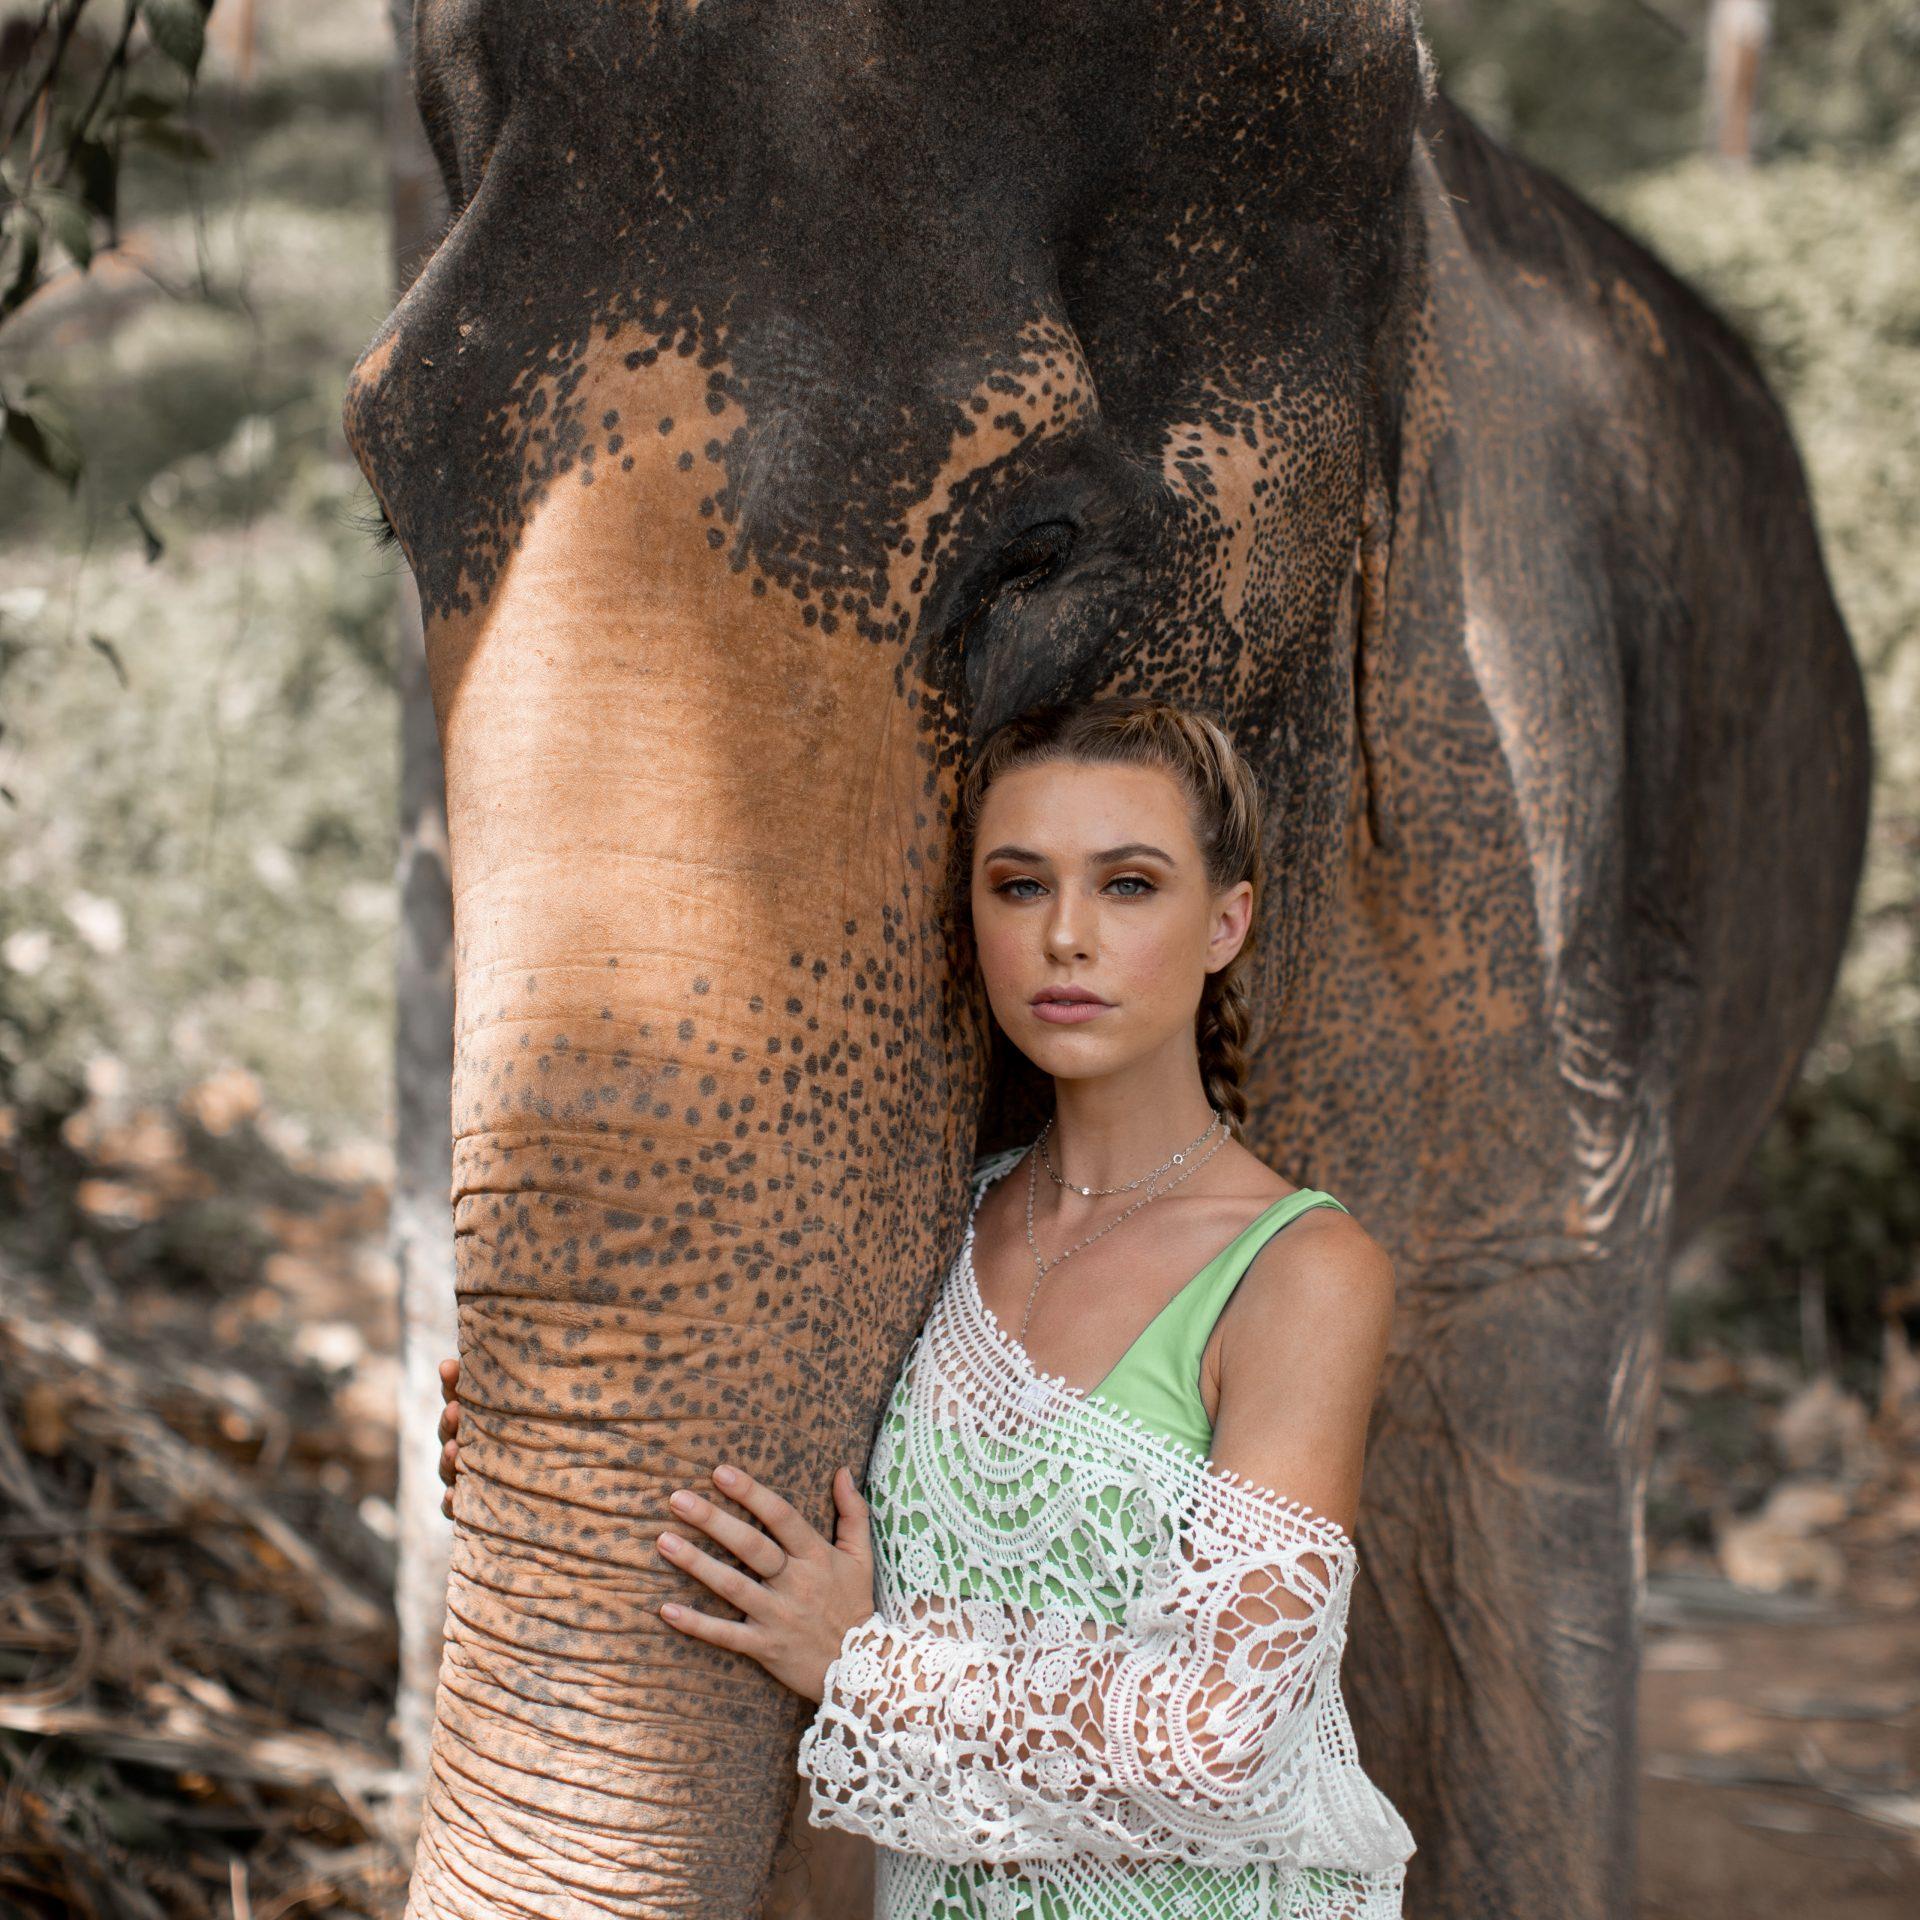 Elephant and Girl at Phuket Elephant Rehabilitation Sanctuary